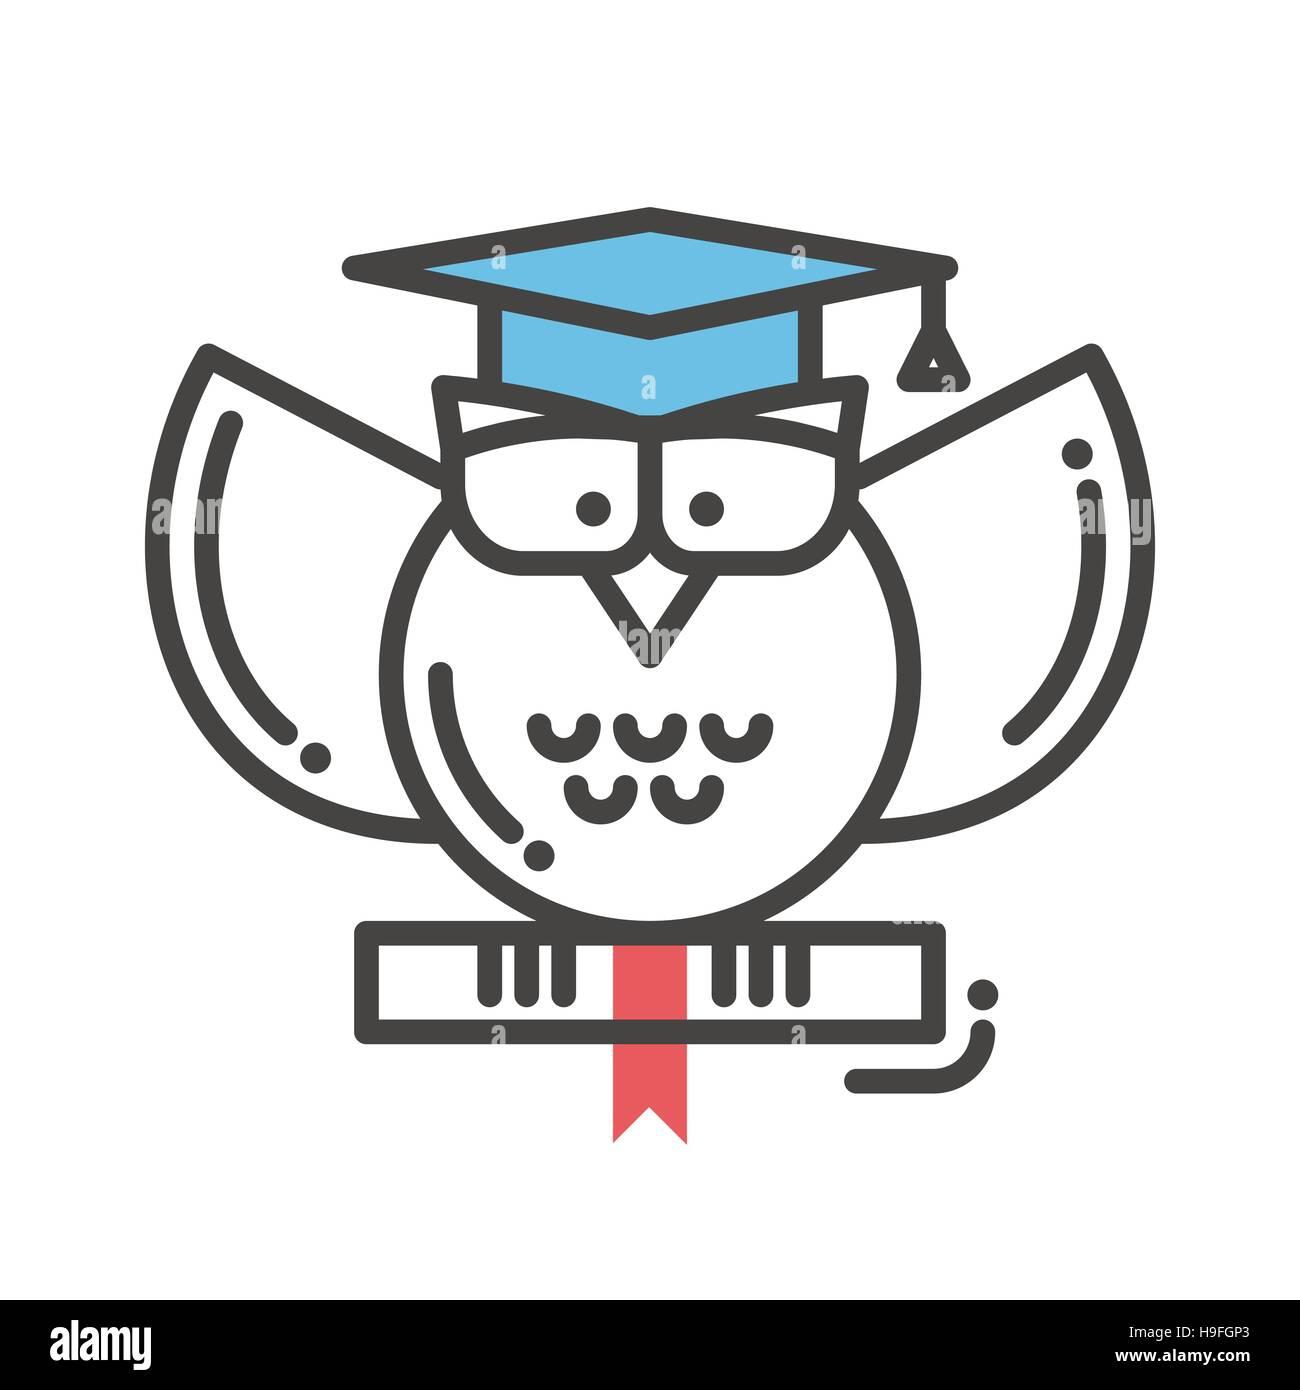 Education flat design single isolated icon - Stock Image